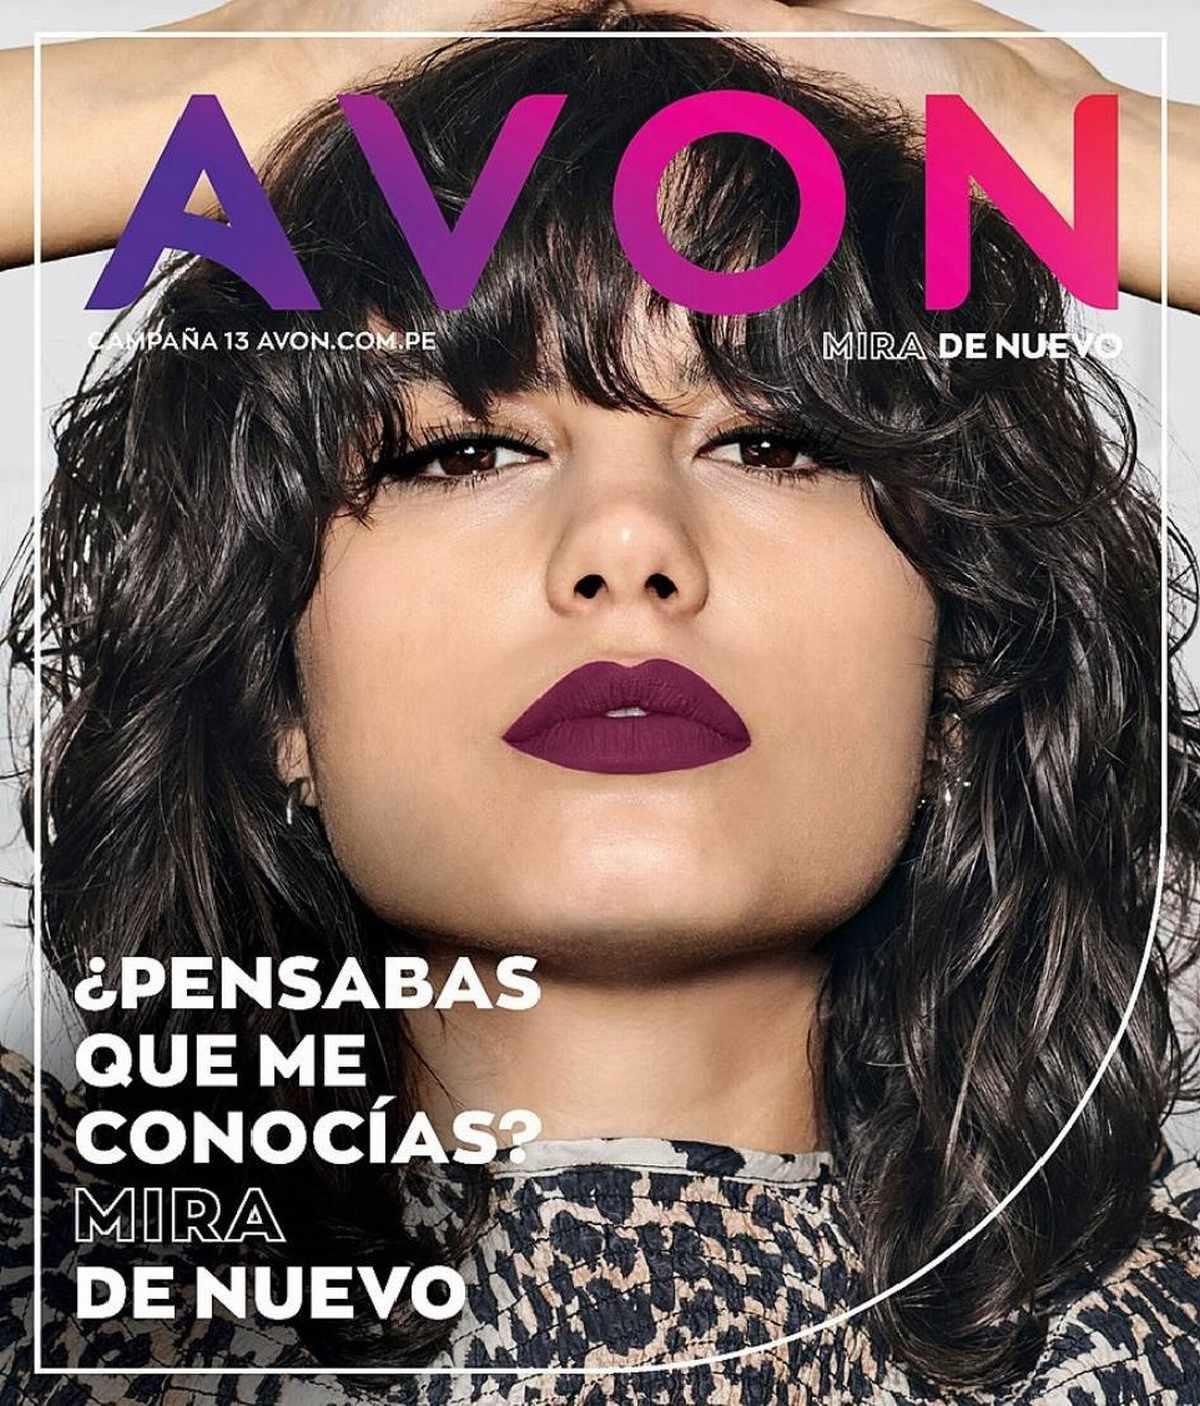 Catálogo Avon Campaña 13 2021 Perú